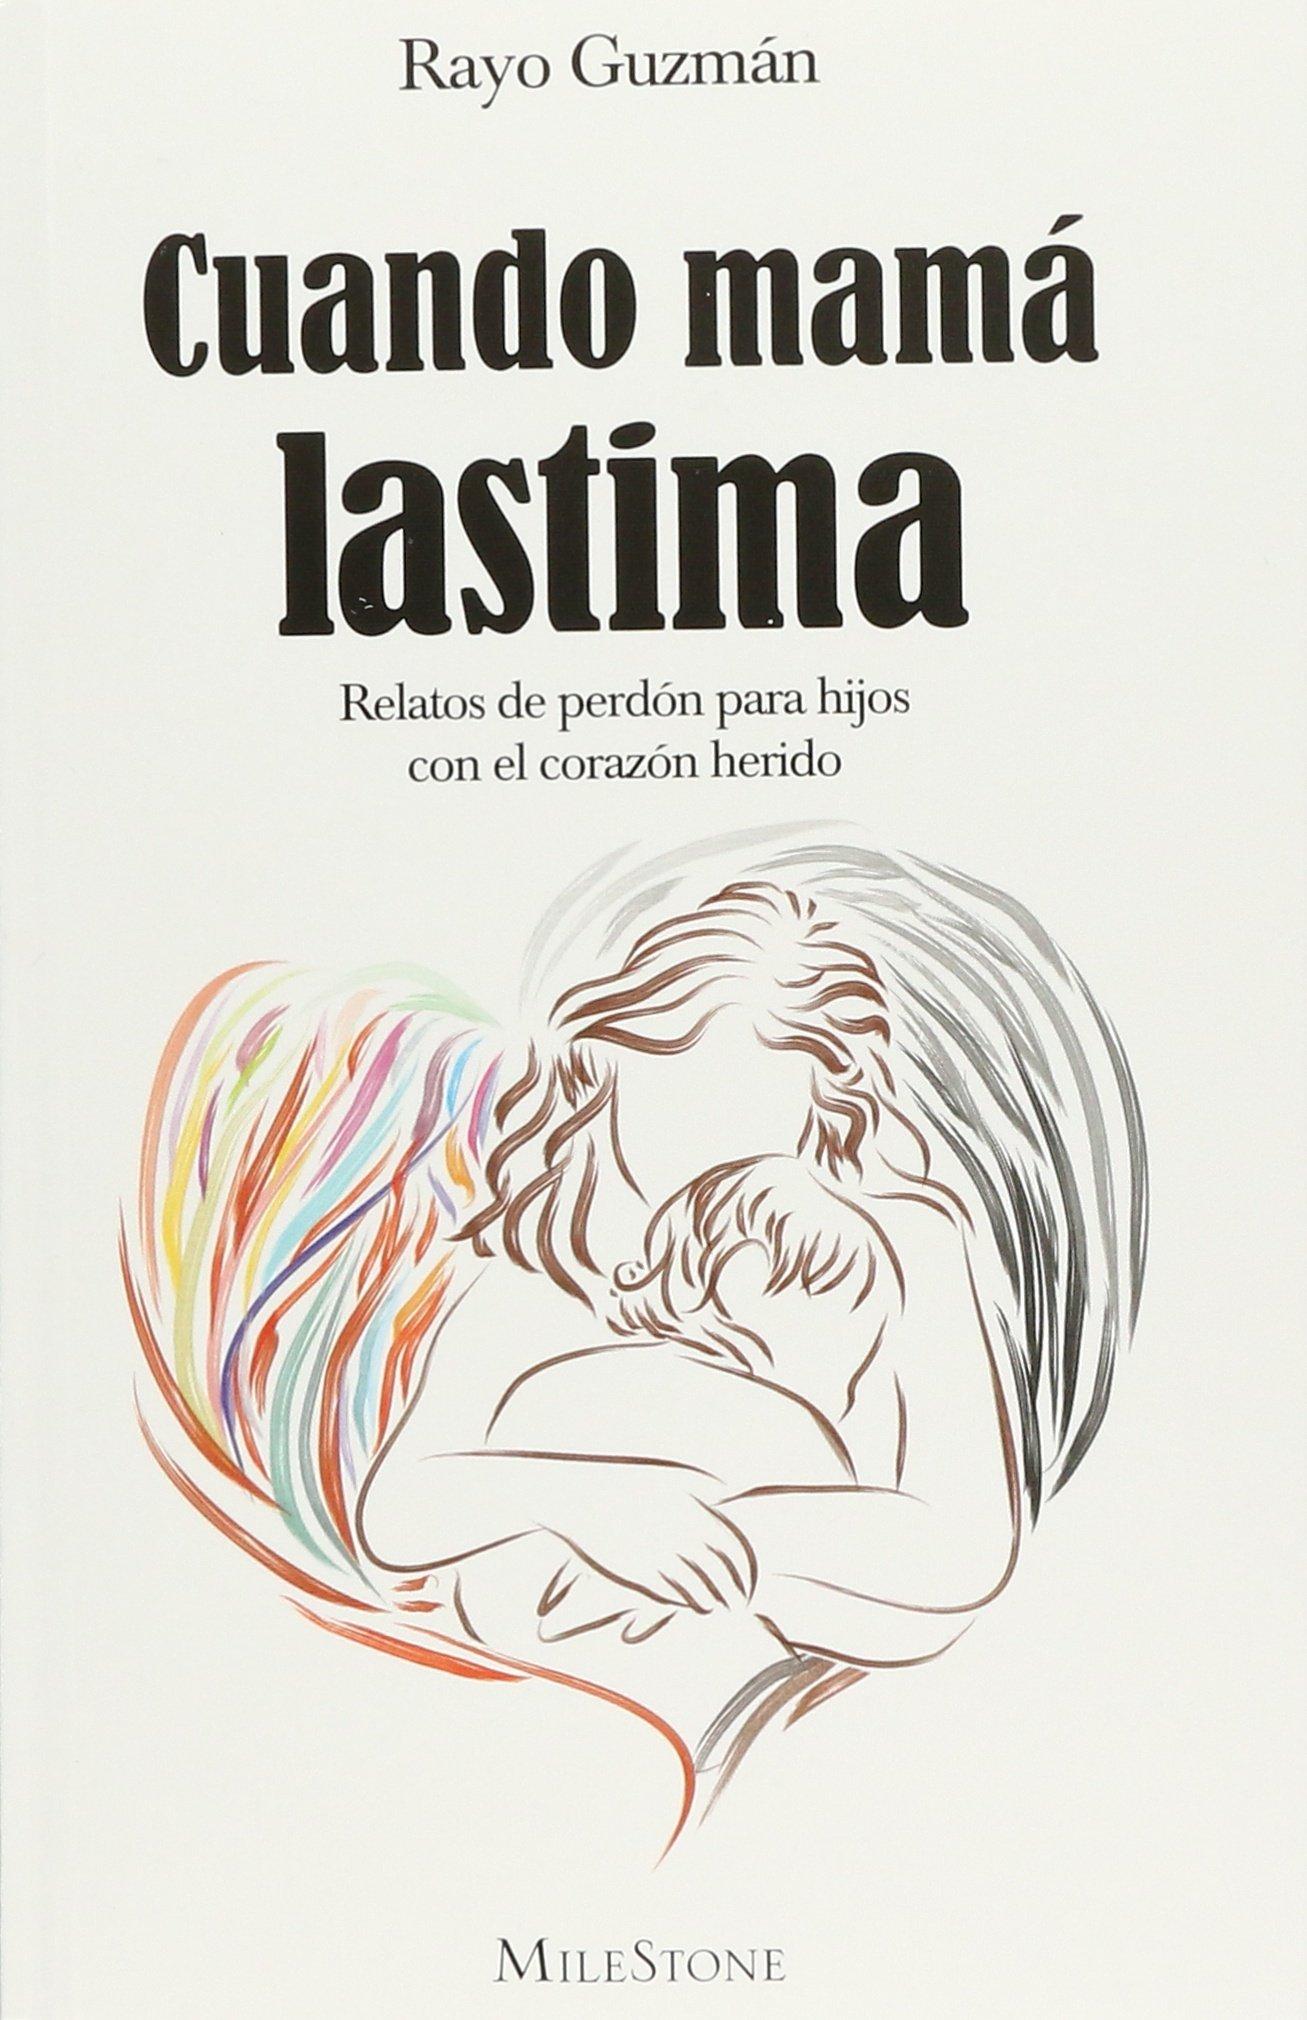 Cuando mamá lastima: Rayo Guzmán: Amazon.com.mx: Libros